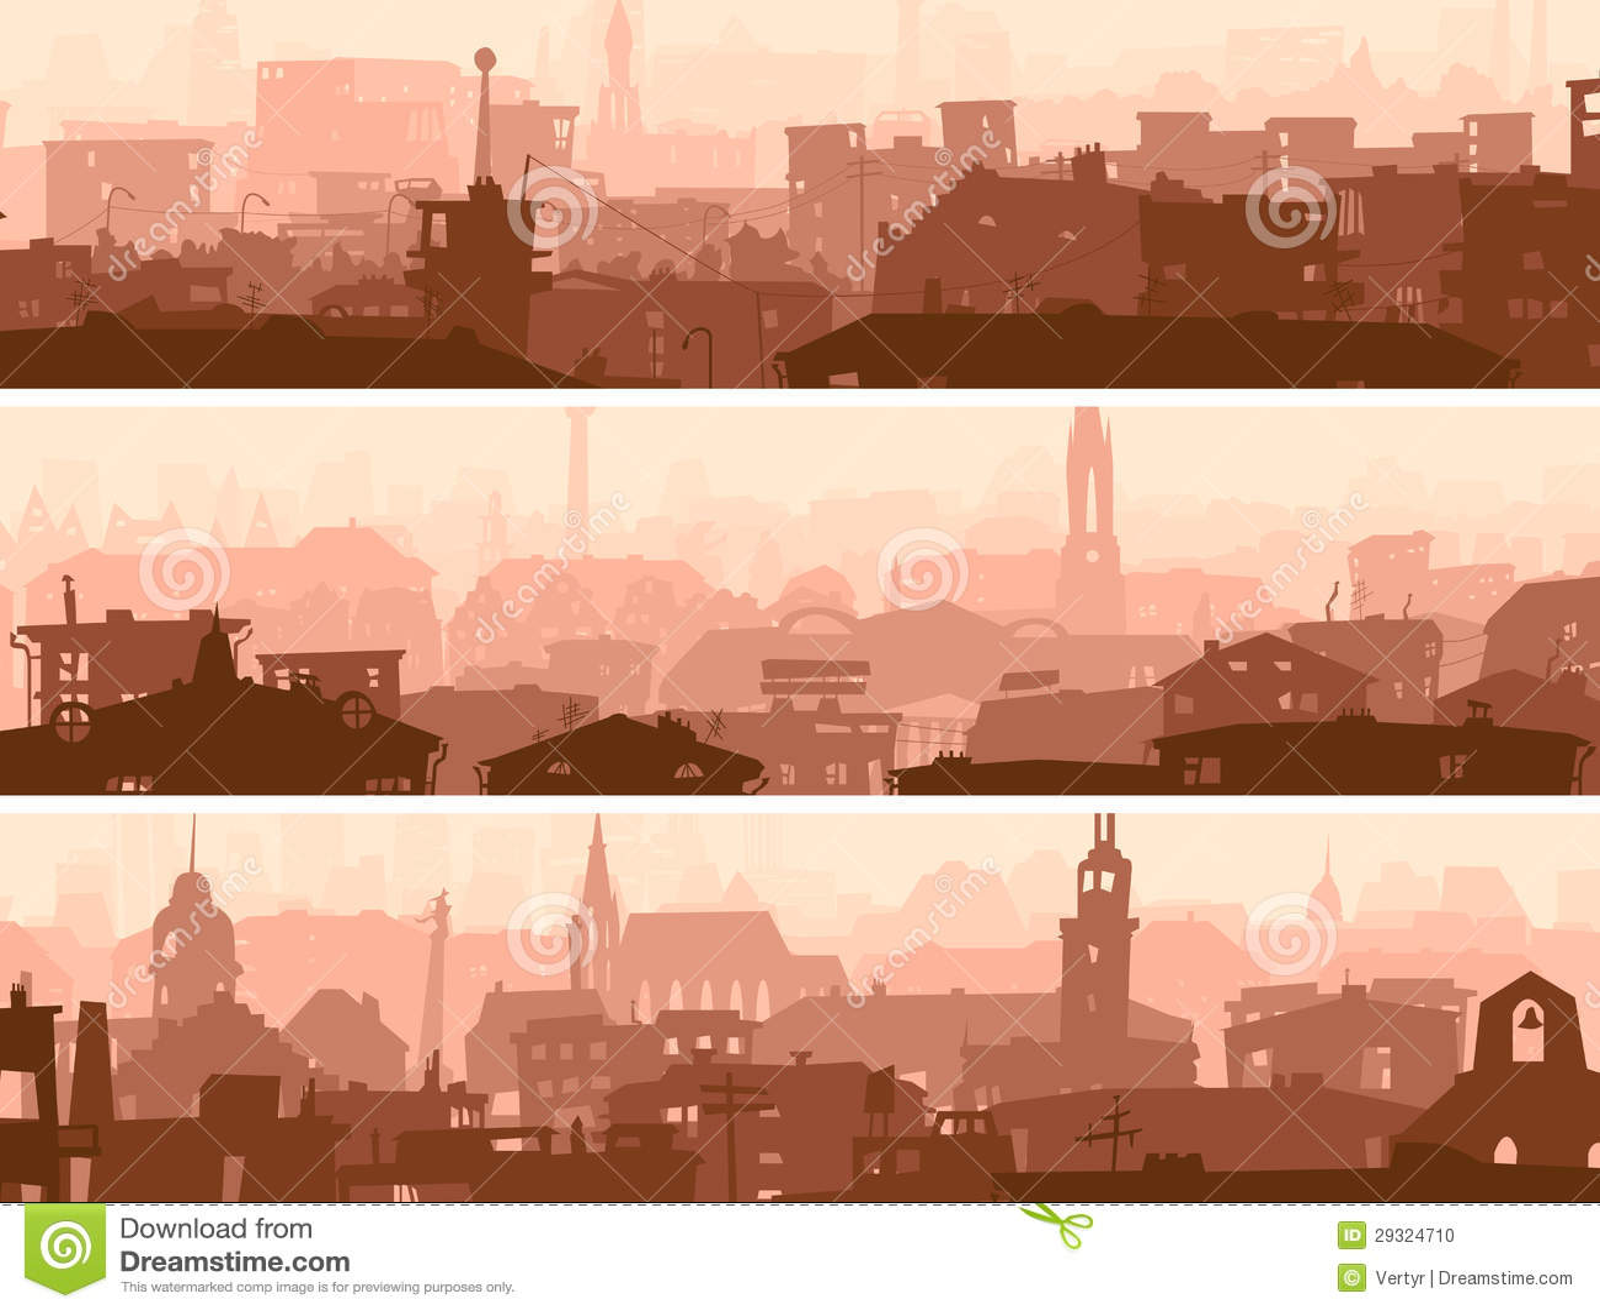 Bandeira horizontal abstrata de telhados da cidade.